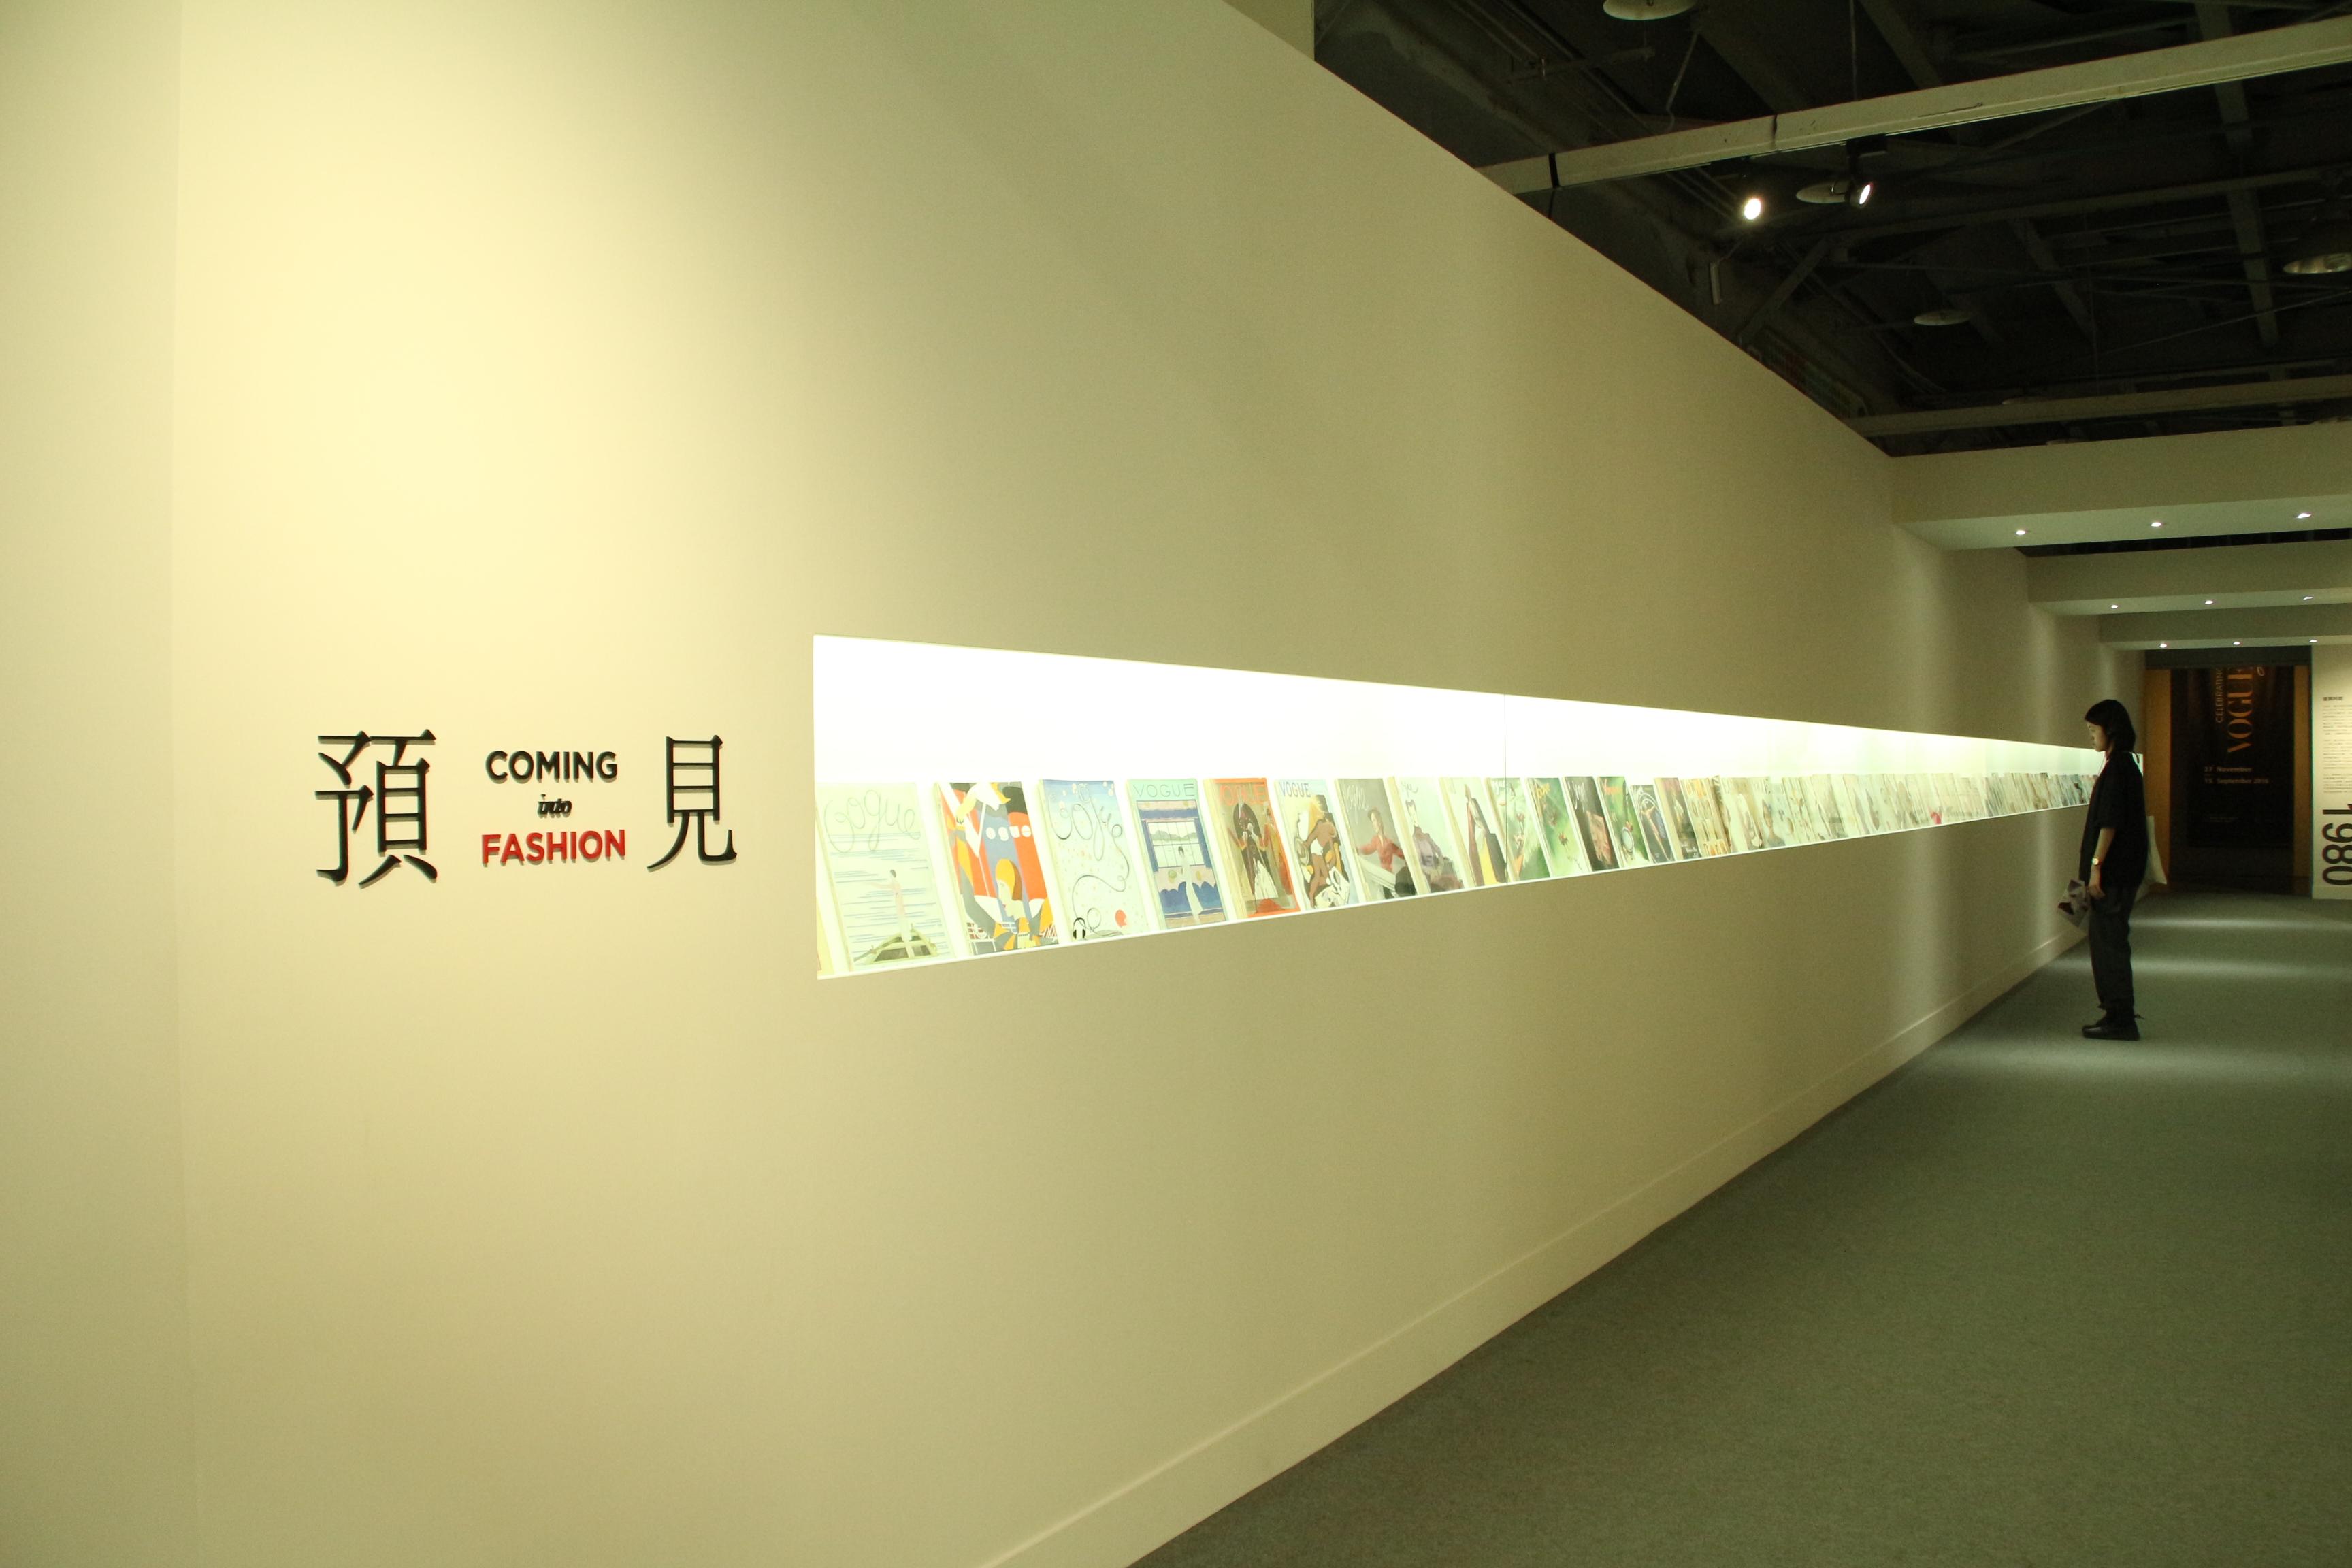 預見: Coming into Fashion, VOGUE跨世紀時尚攝影展 於9/15-11/27,華山1914 中4B展出 攝影/ 翁悅心